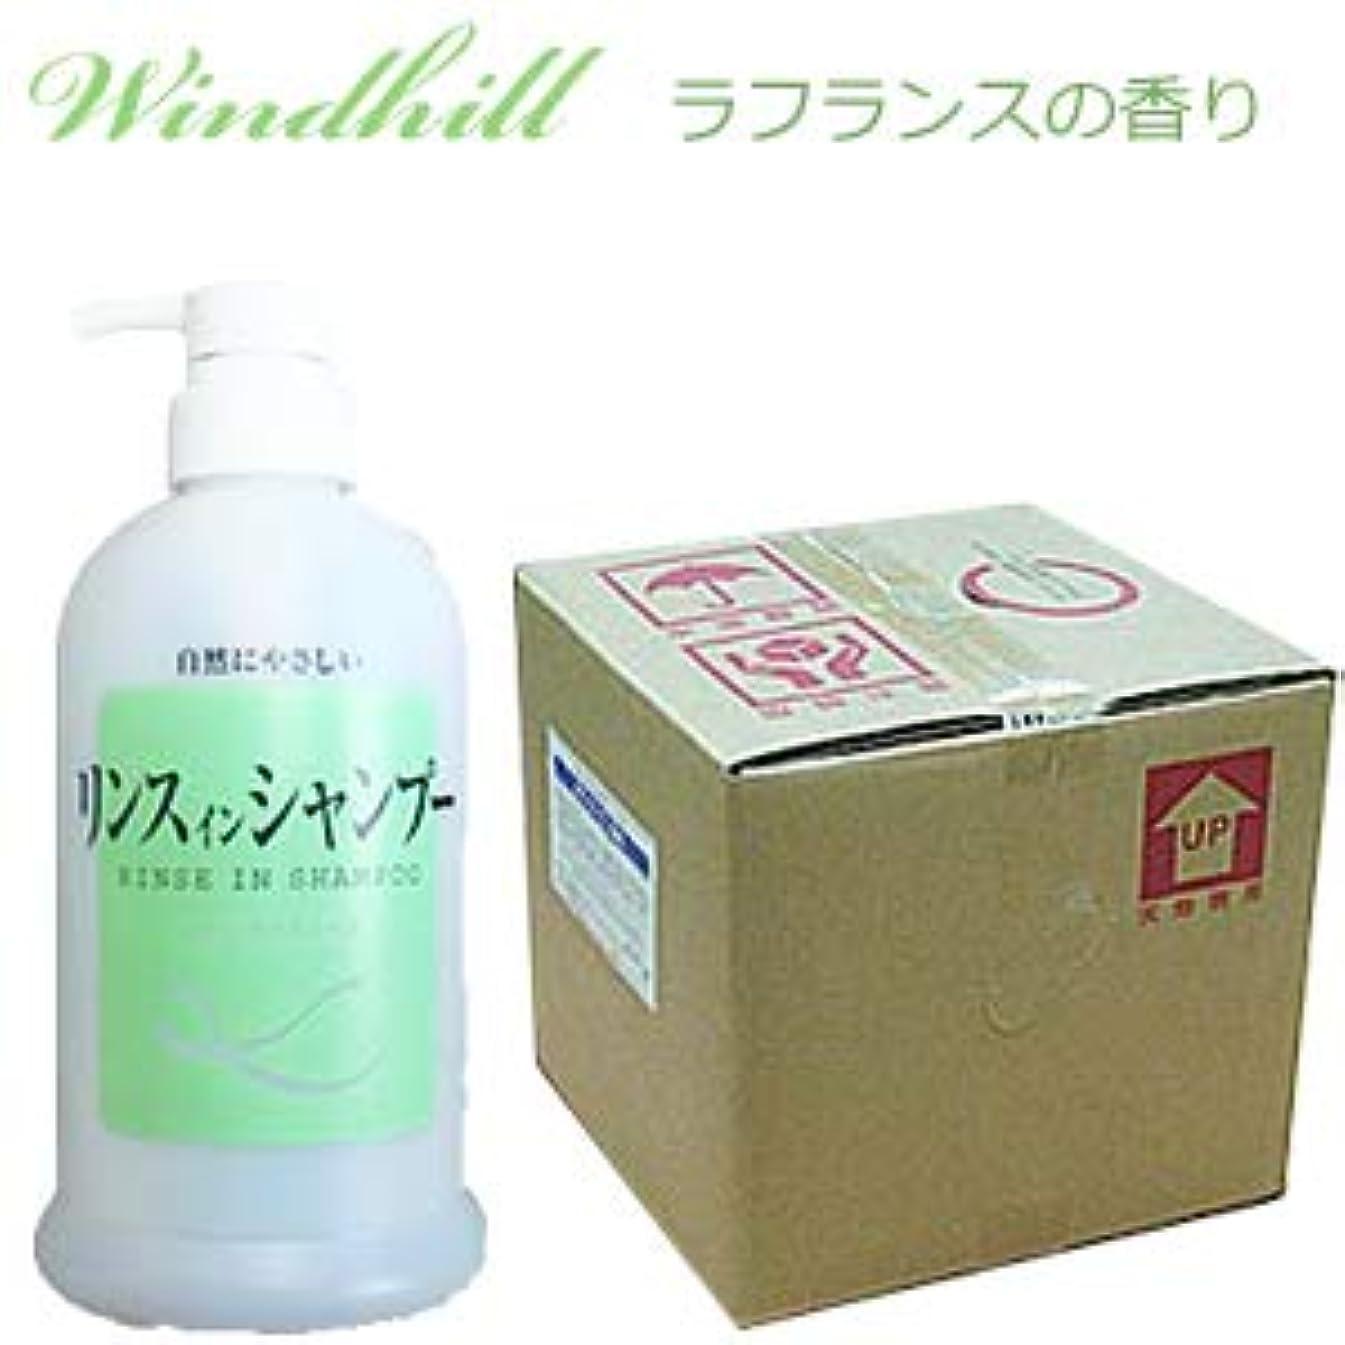 認識国際ワゴン500ml当り173円 Windhill 植物性 業務用 リンスイン シャンプー 爽やかなラフランスの香り 20L